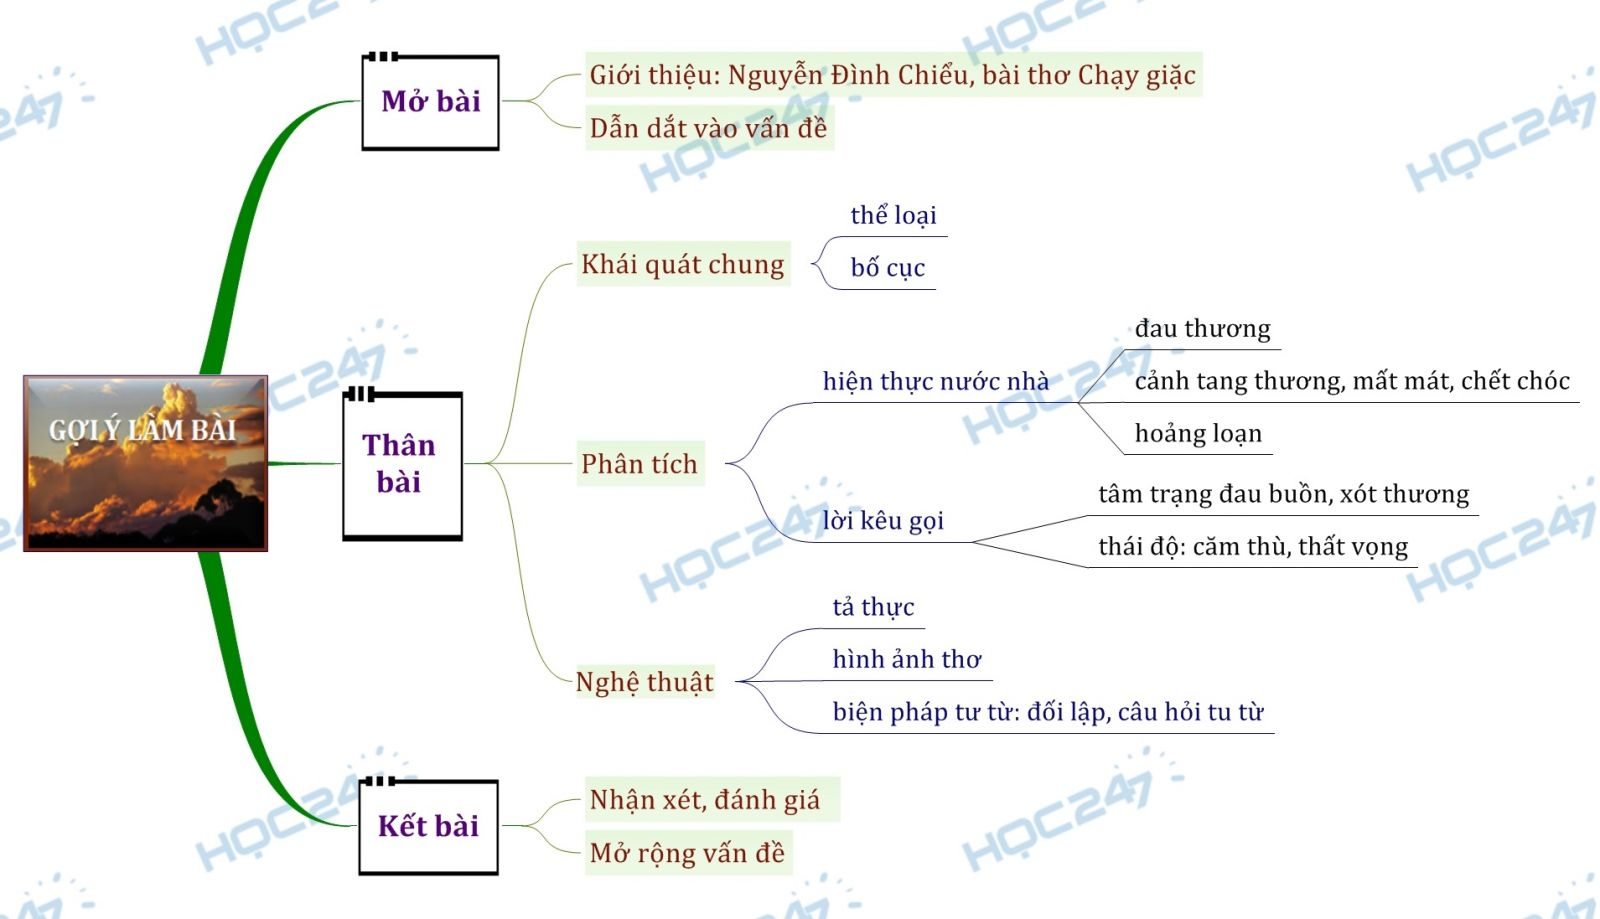 Sơ đồ tư duy Phân tích bài thơ Chạy giặc của Nguyễn Đình Chiểu